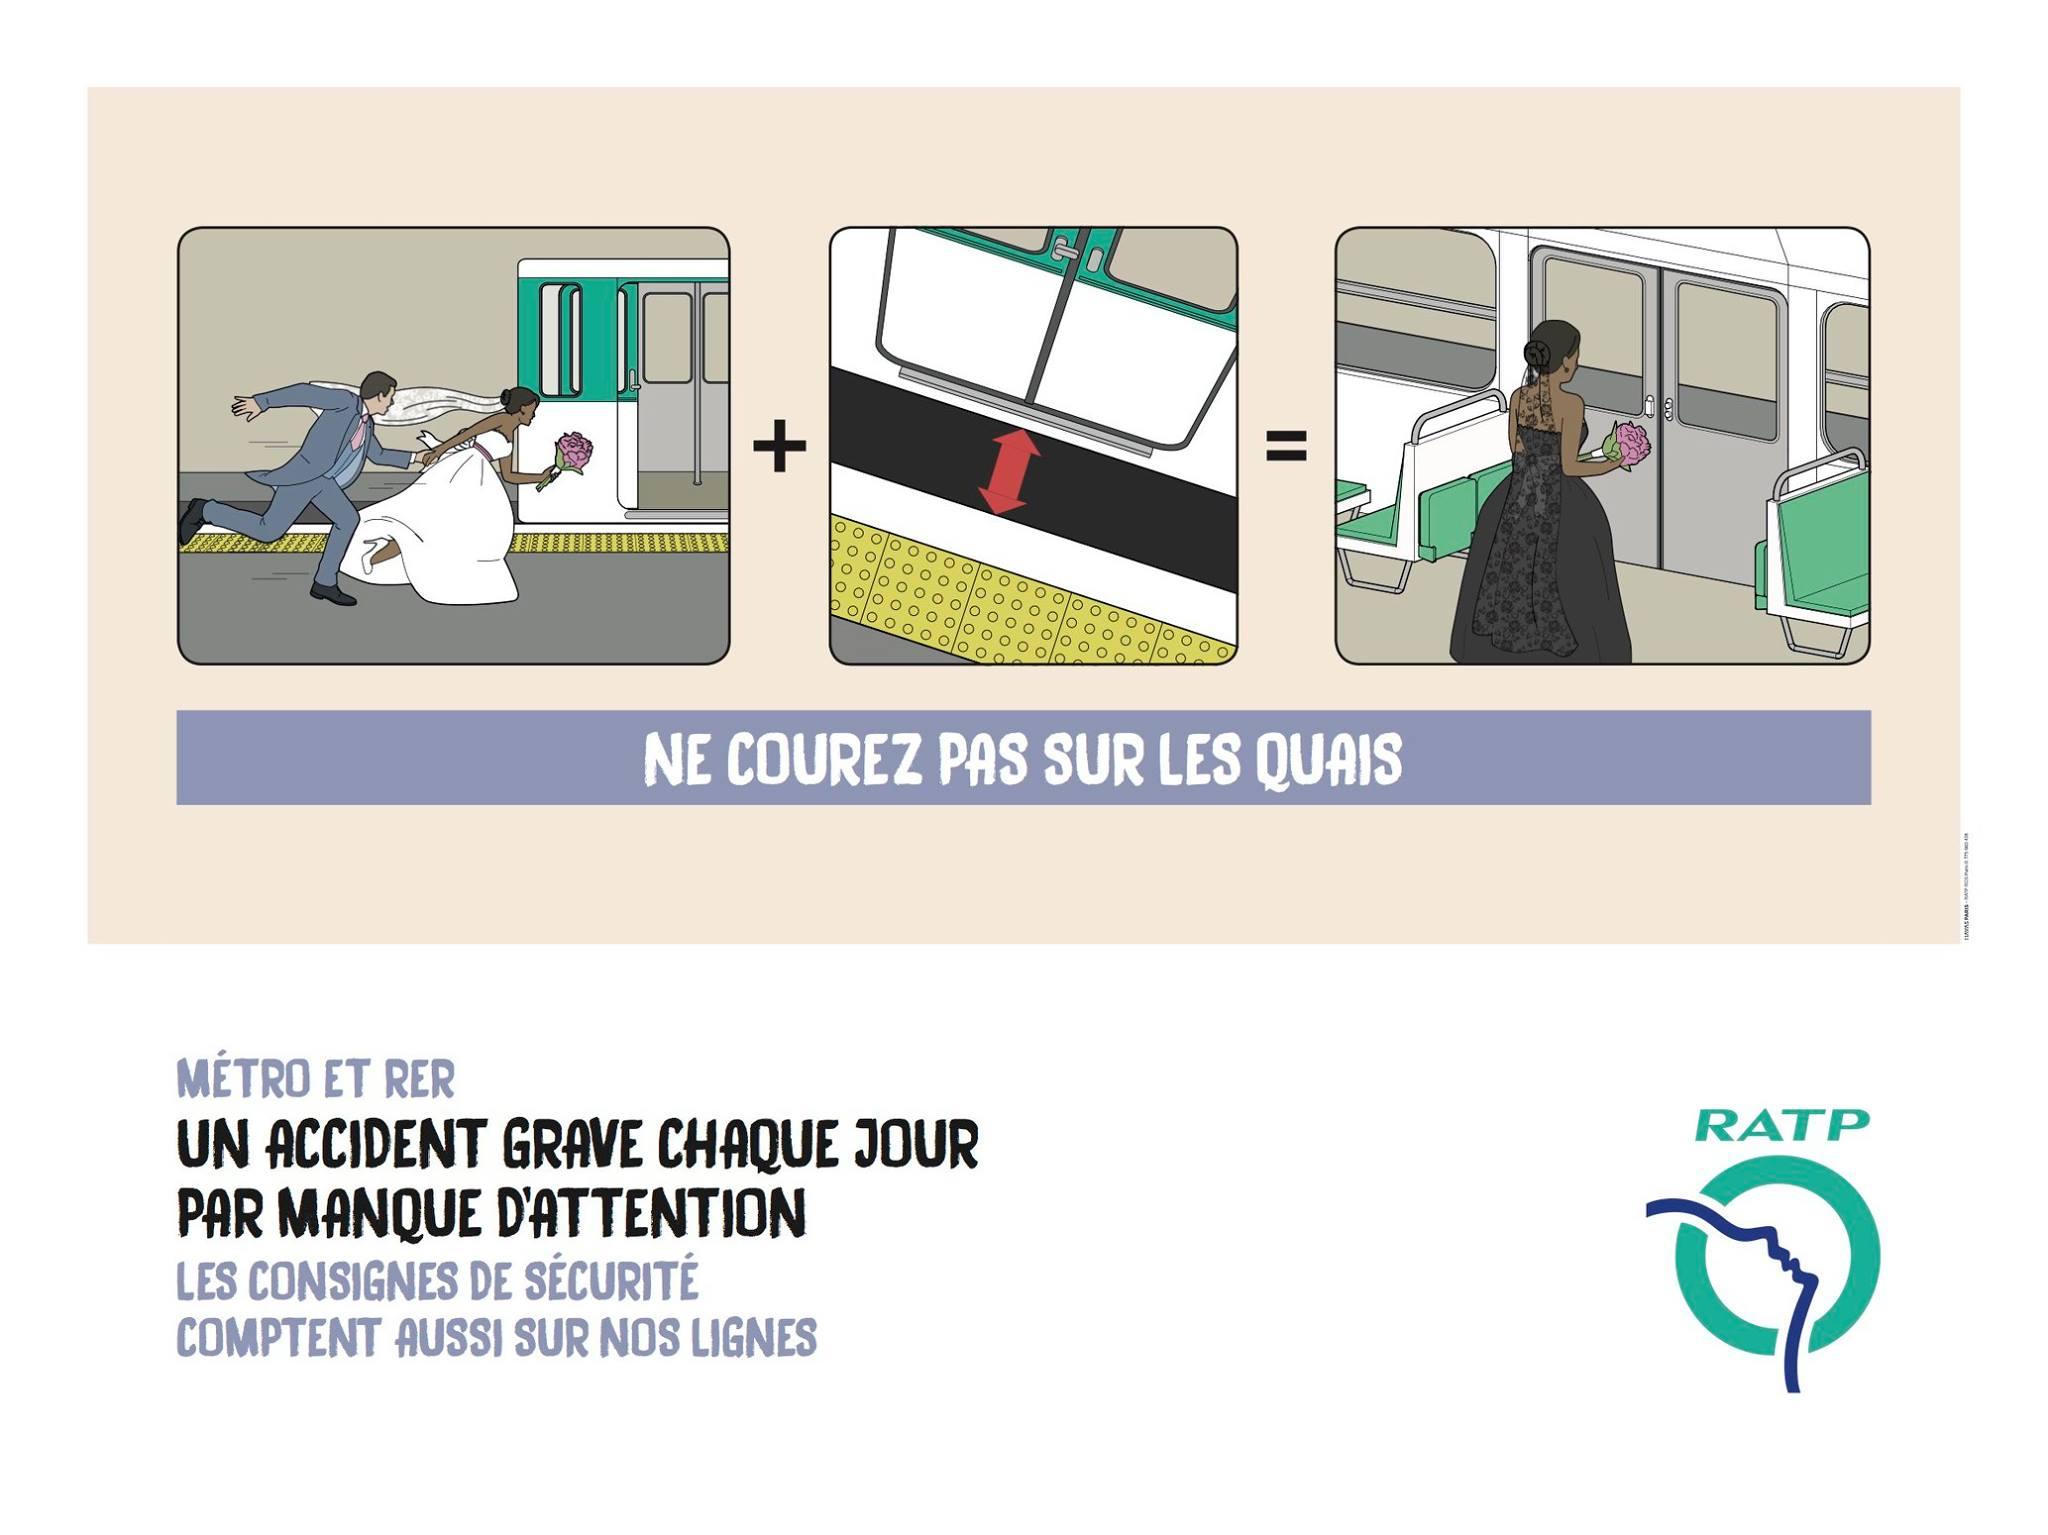 ratp-metro-consignes-securite-2016-publicite-danger-havas-paris-7